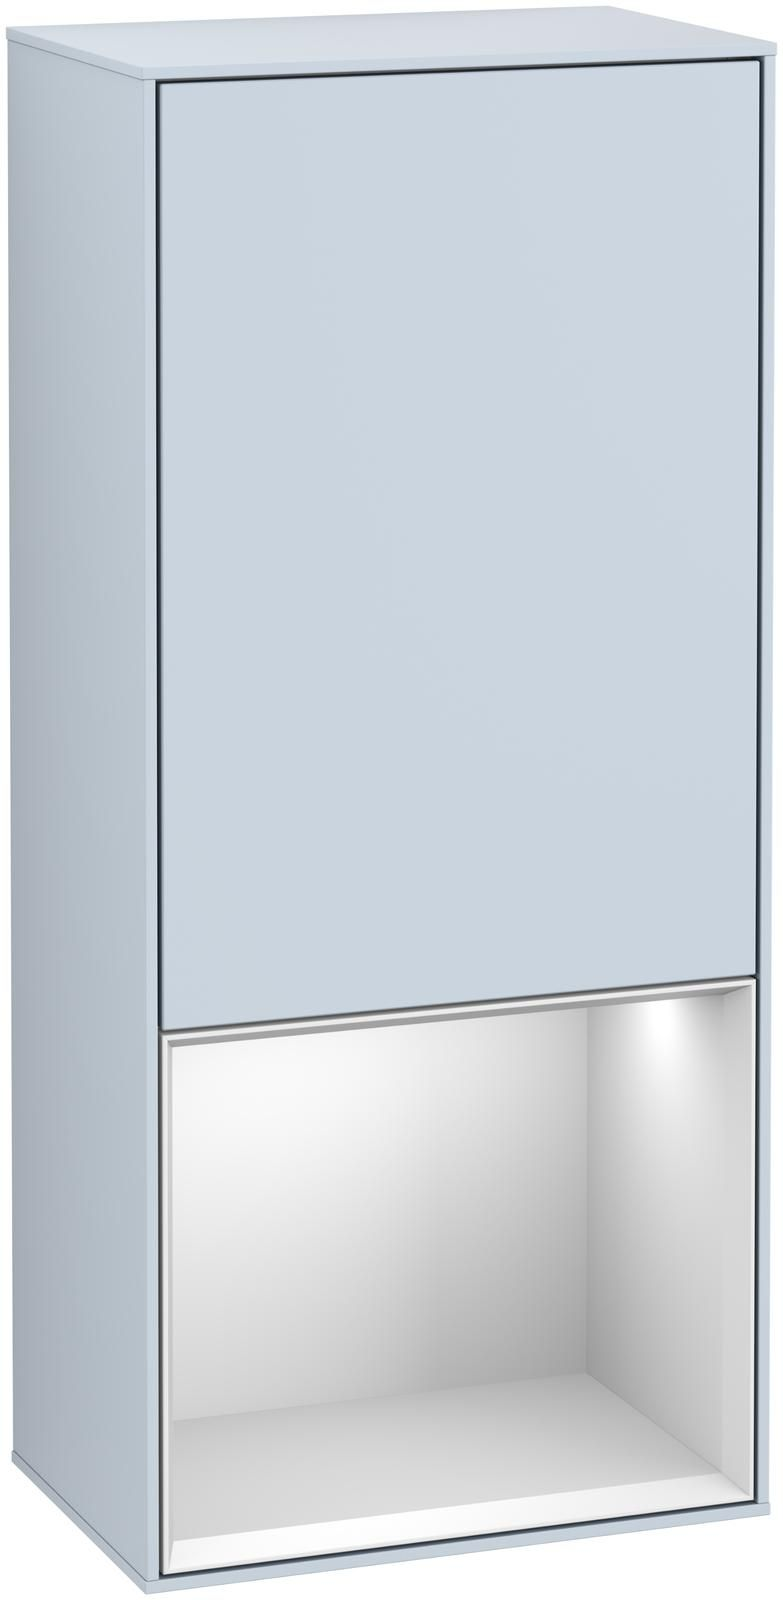 Villeroy & Boch Finion F55 Seitenschrank mit Regalelement 1 Tür Anschlag rechts LED-Beleuchtung B:41,8xH:93,6xT:27cm Front, Korpus: Cloud, Regal: Weiß Matt Soft Grey F550MTHA